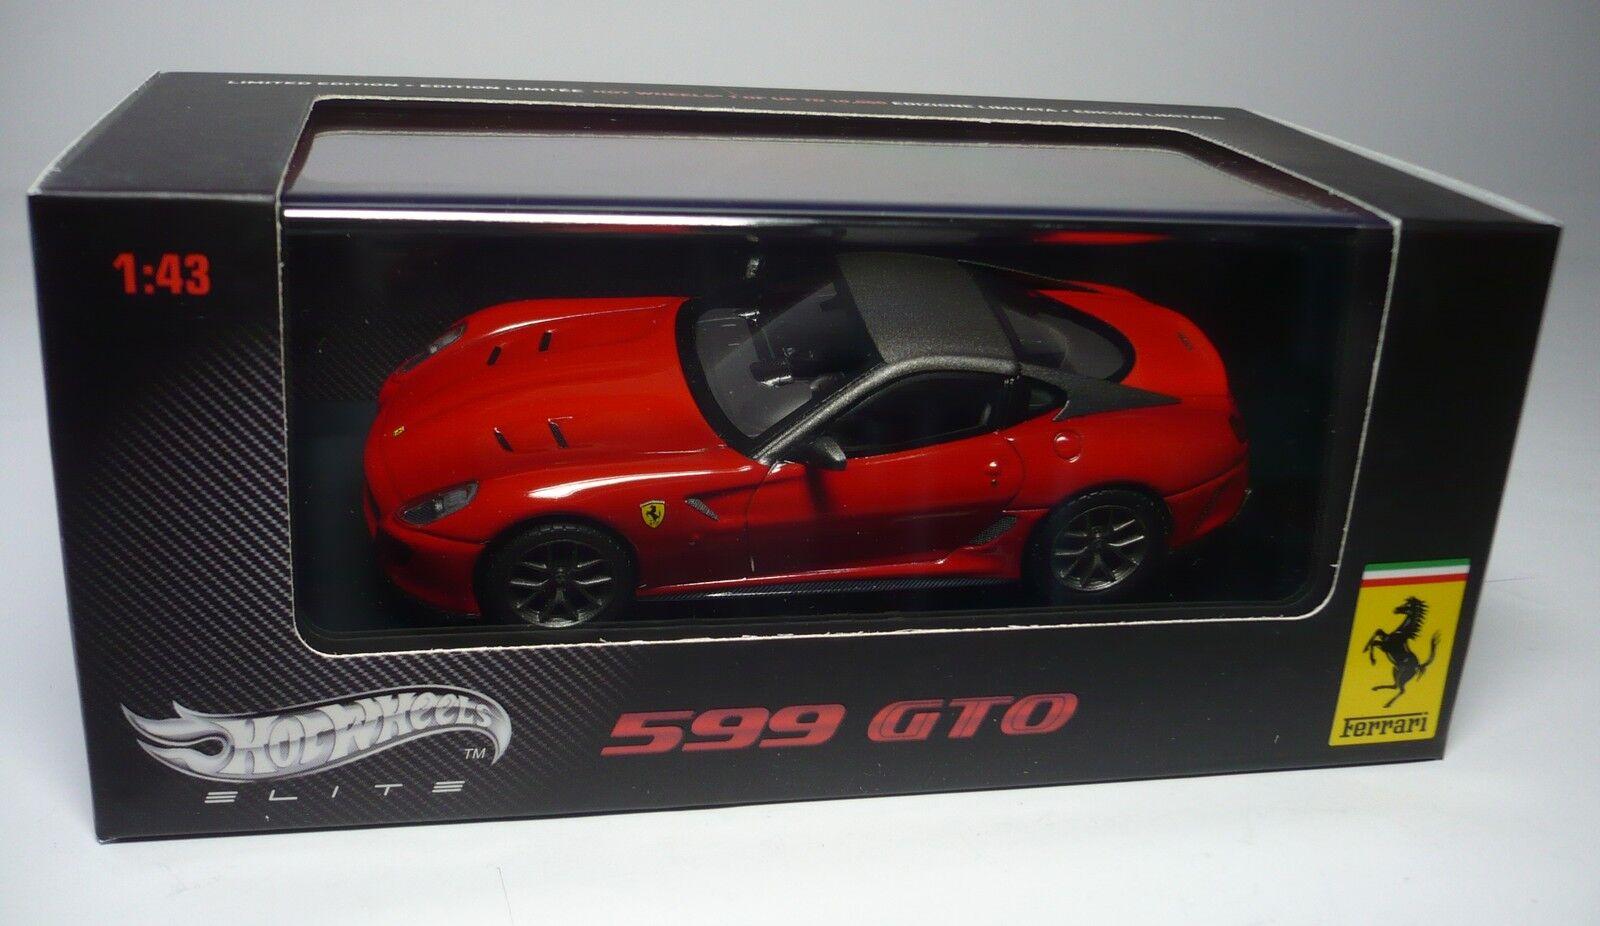 FERRARI 599 GTO 1 43 MATTEL HOT WHEELS ELITE